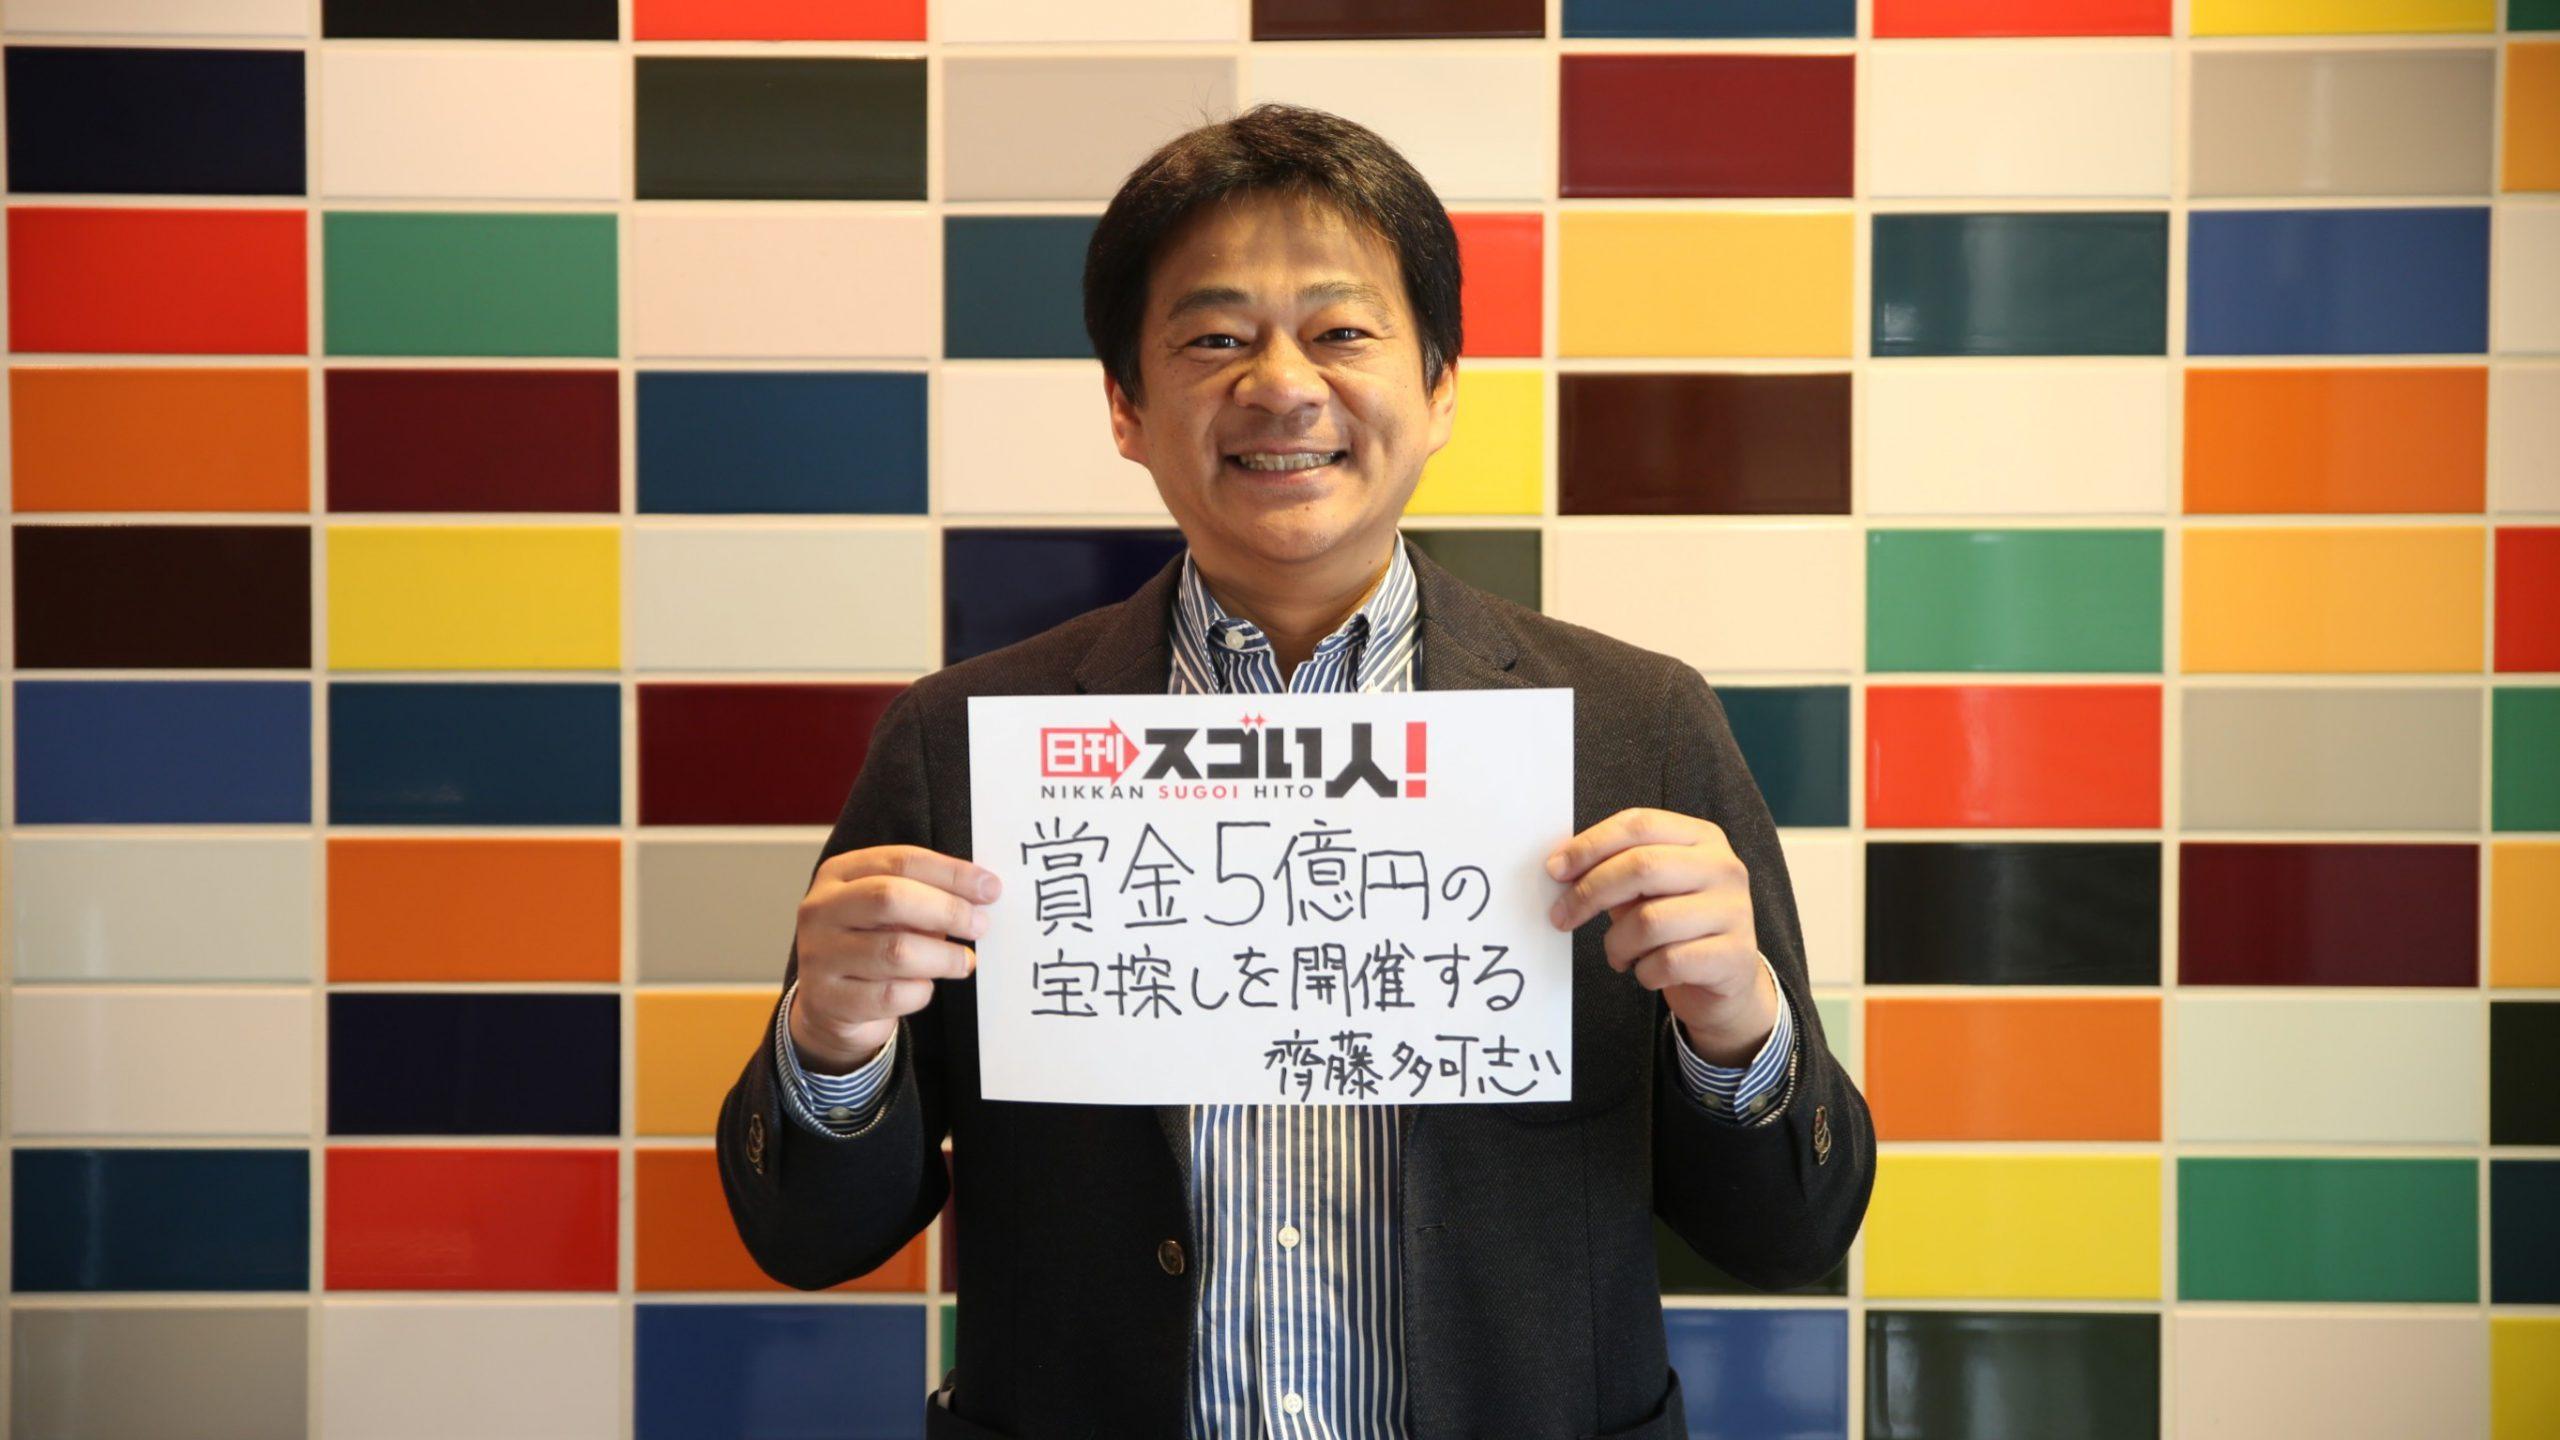 (日本語) 日本で初めて、宝探しという「職業」を創り出すスゴい人!DAY2 ▶齊藤多可志さん